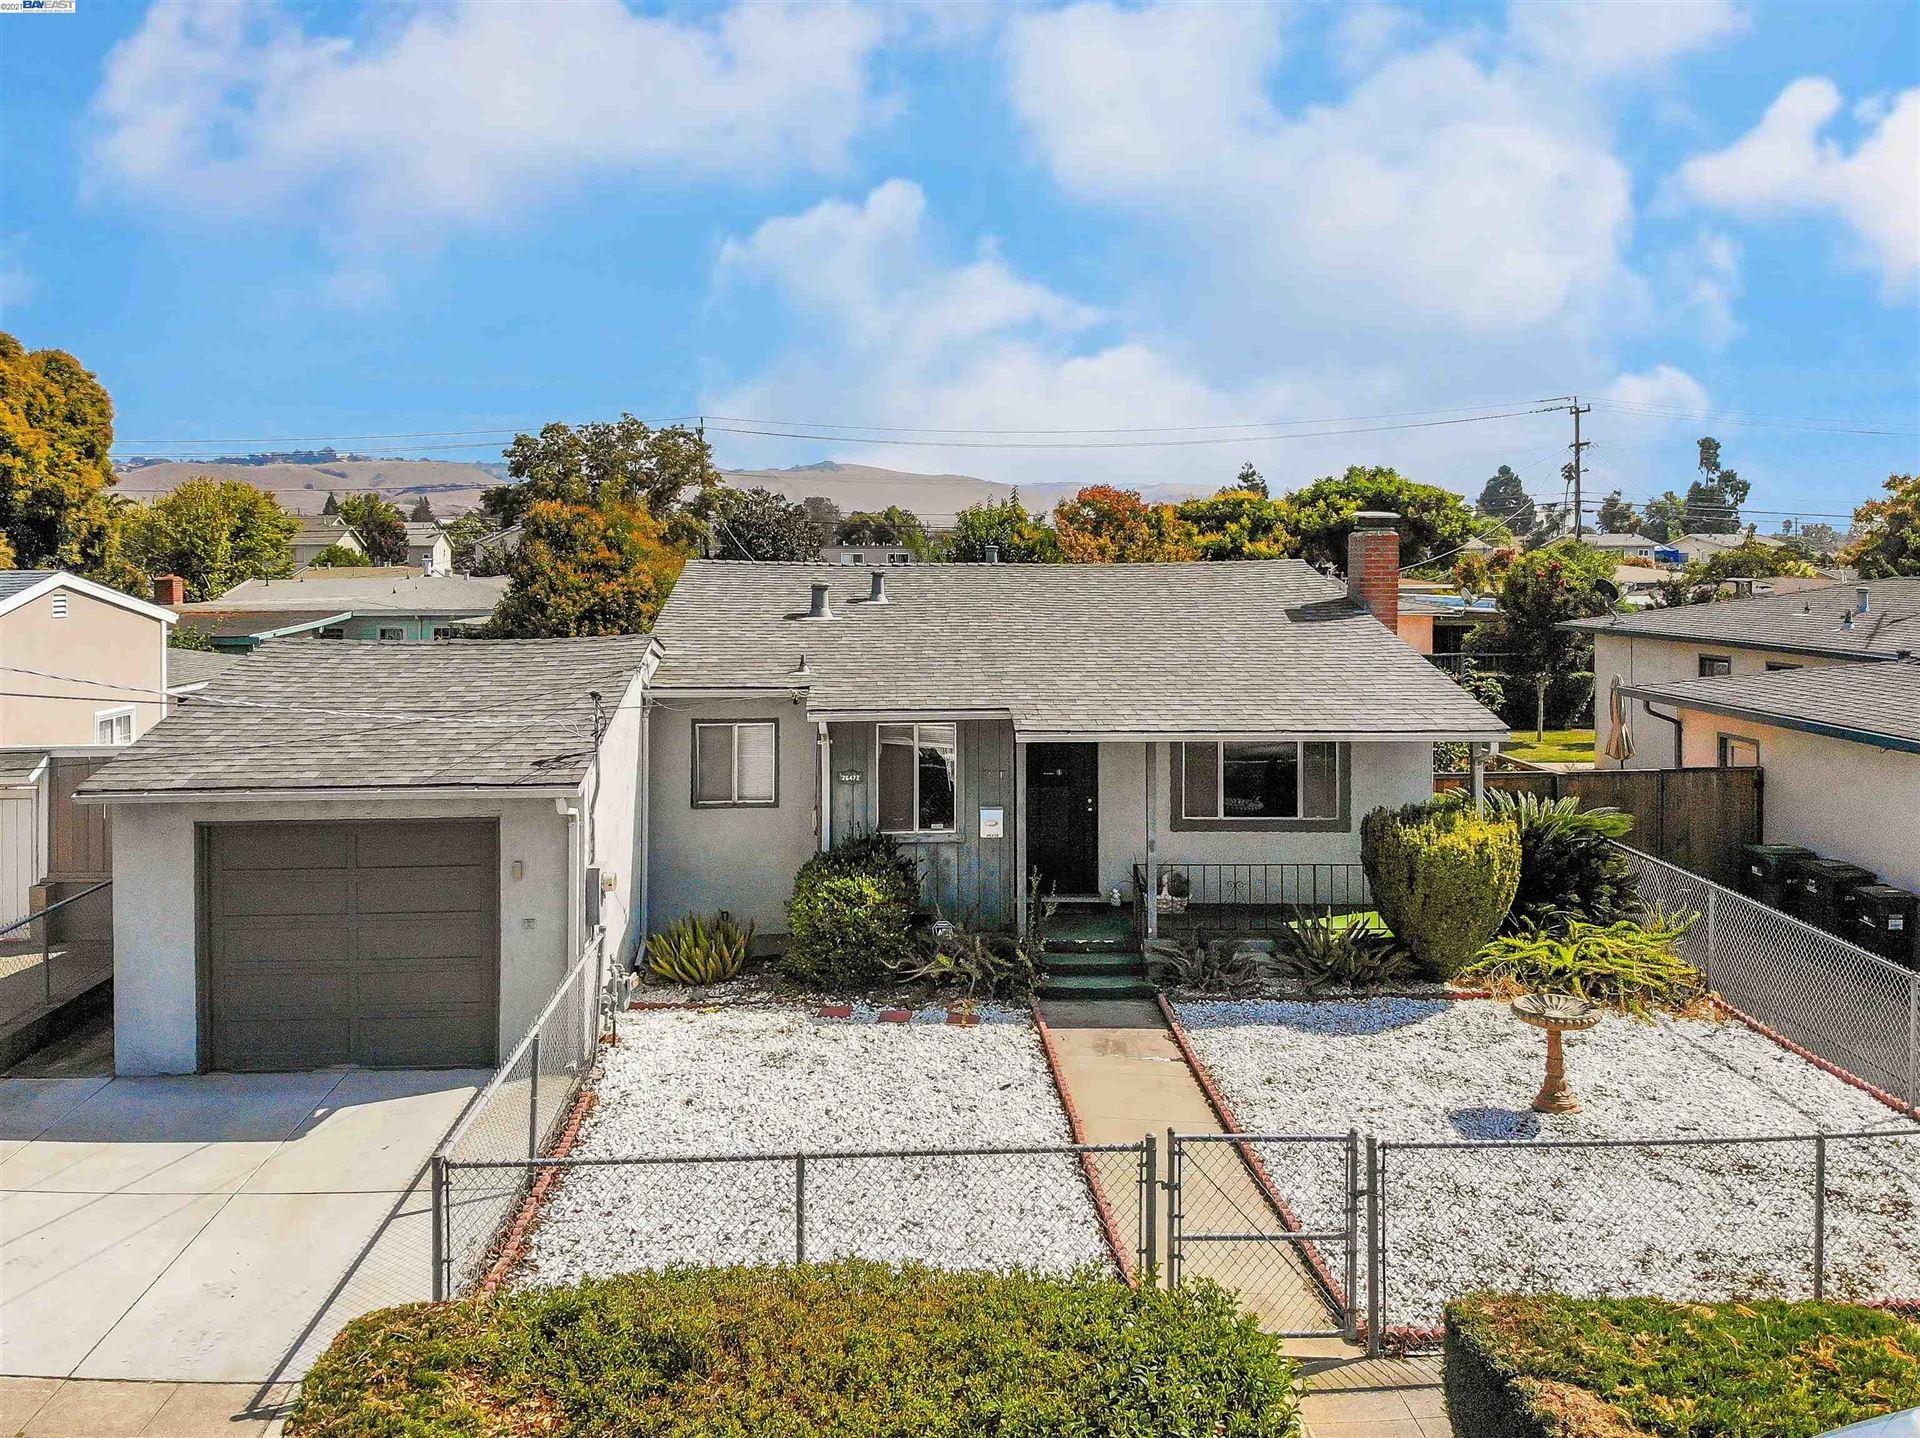 Photo of 26472 Hickory Ave, HAYWARD, CA 94544 (MLS # 40968624)